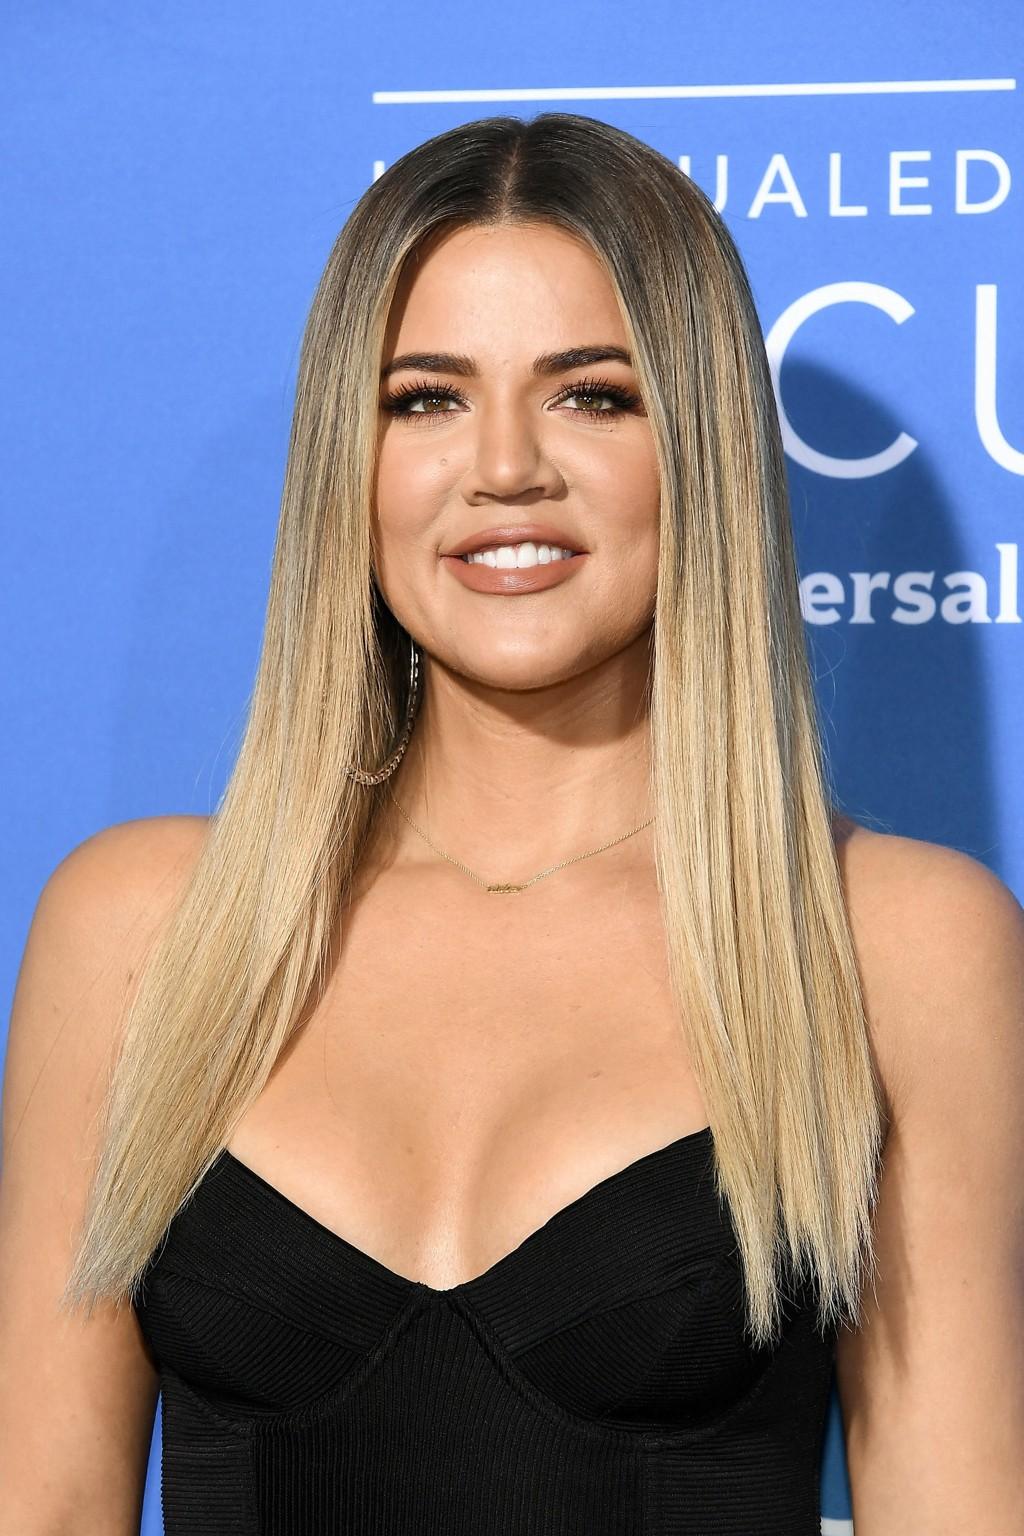 Ifølge flere medier har Khloe Kardashian og Tristan Thompson blitt foreldre til en liten jente.